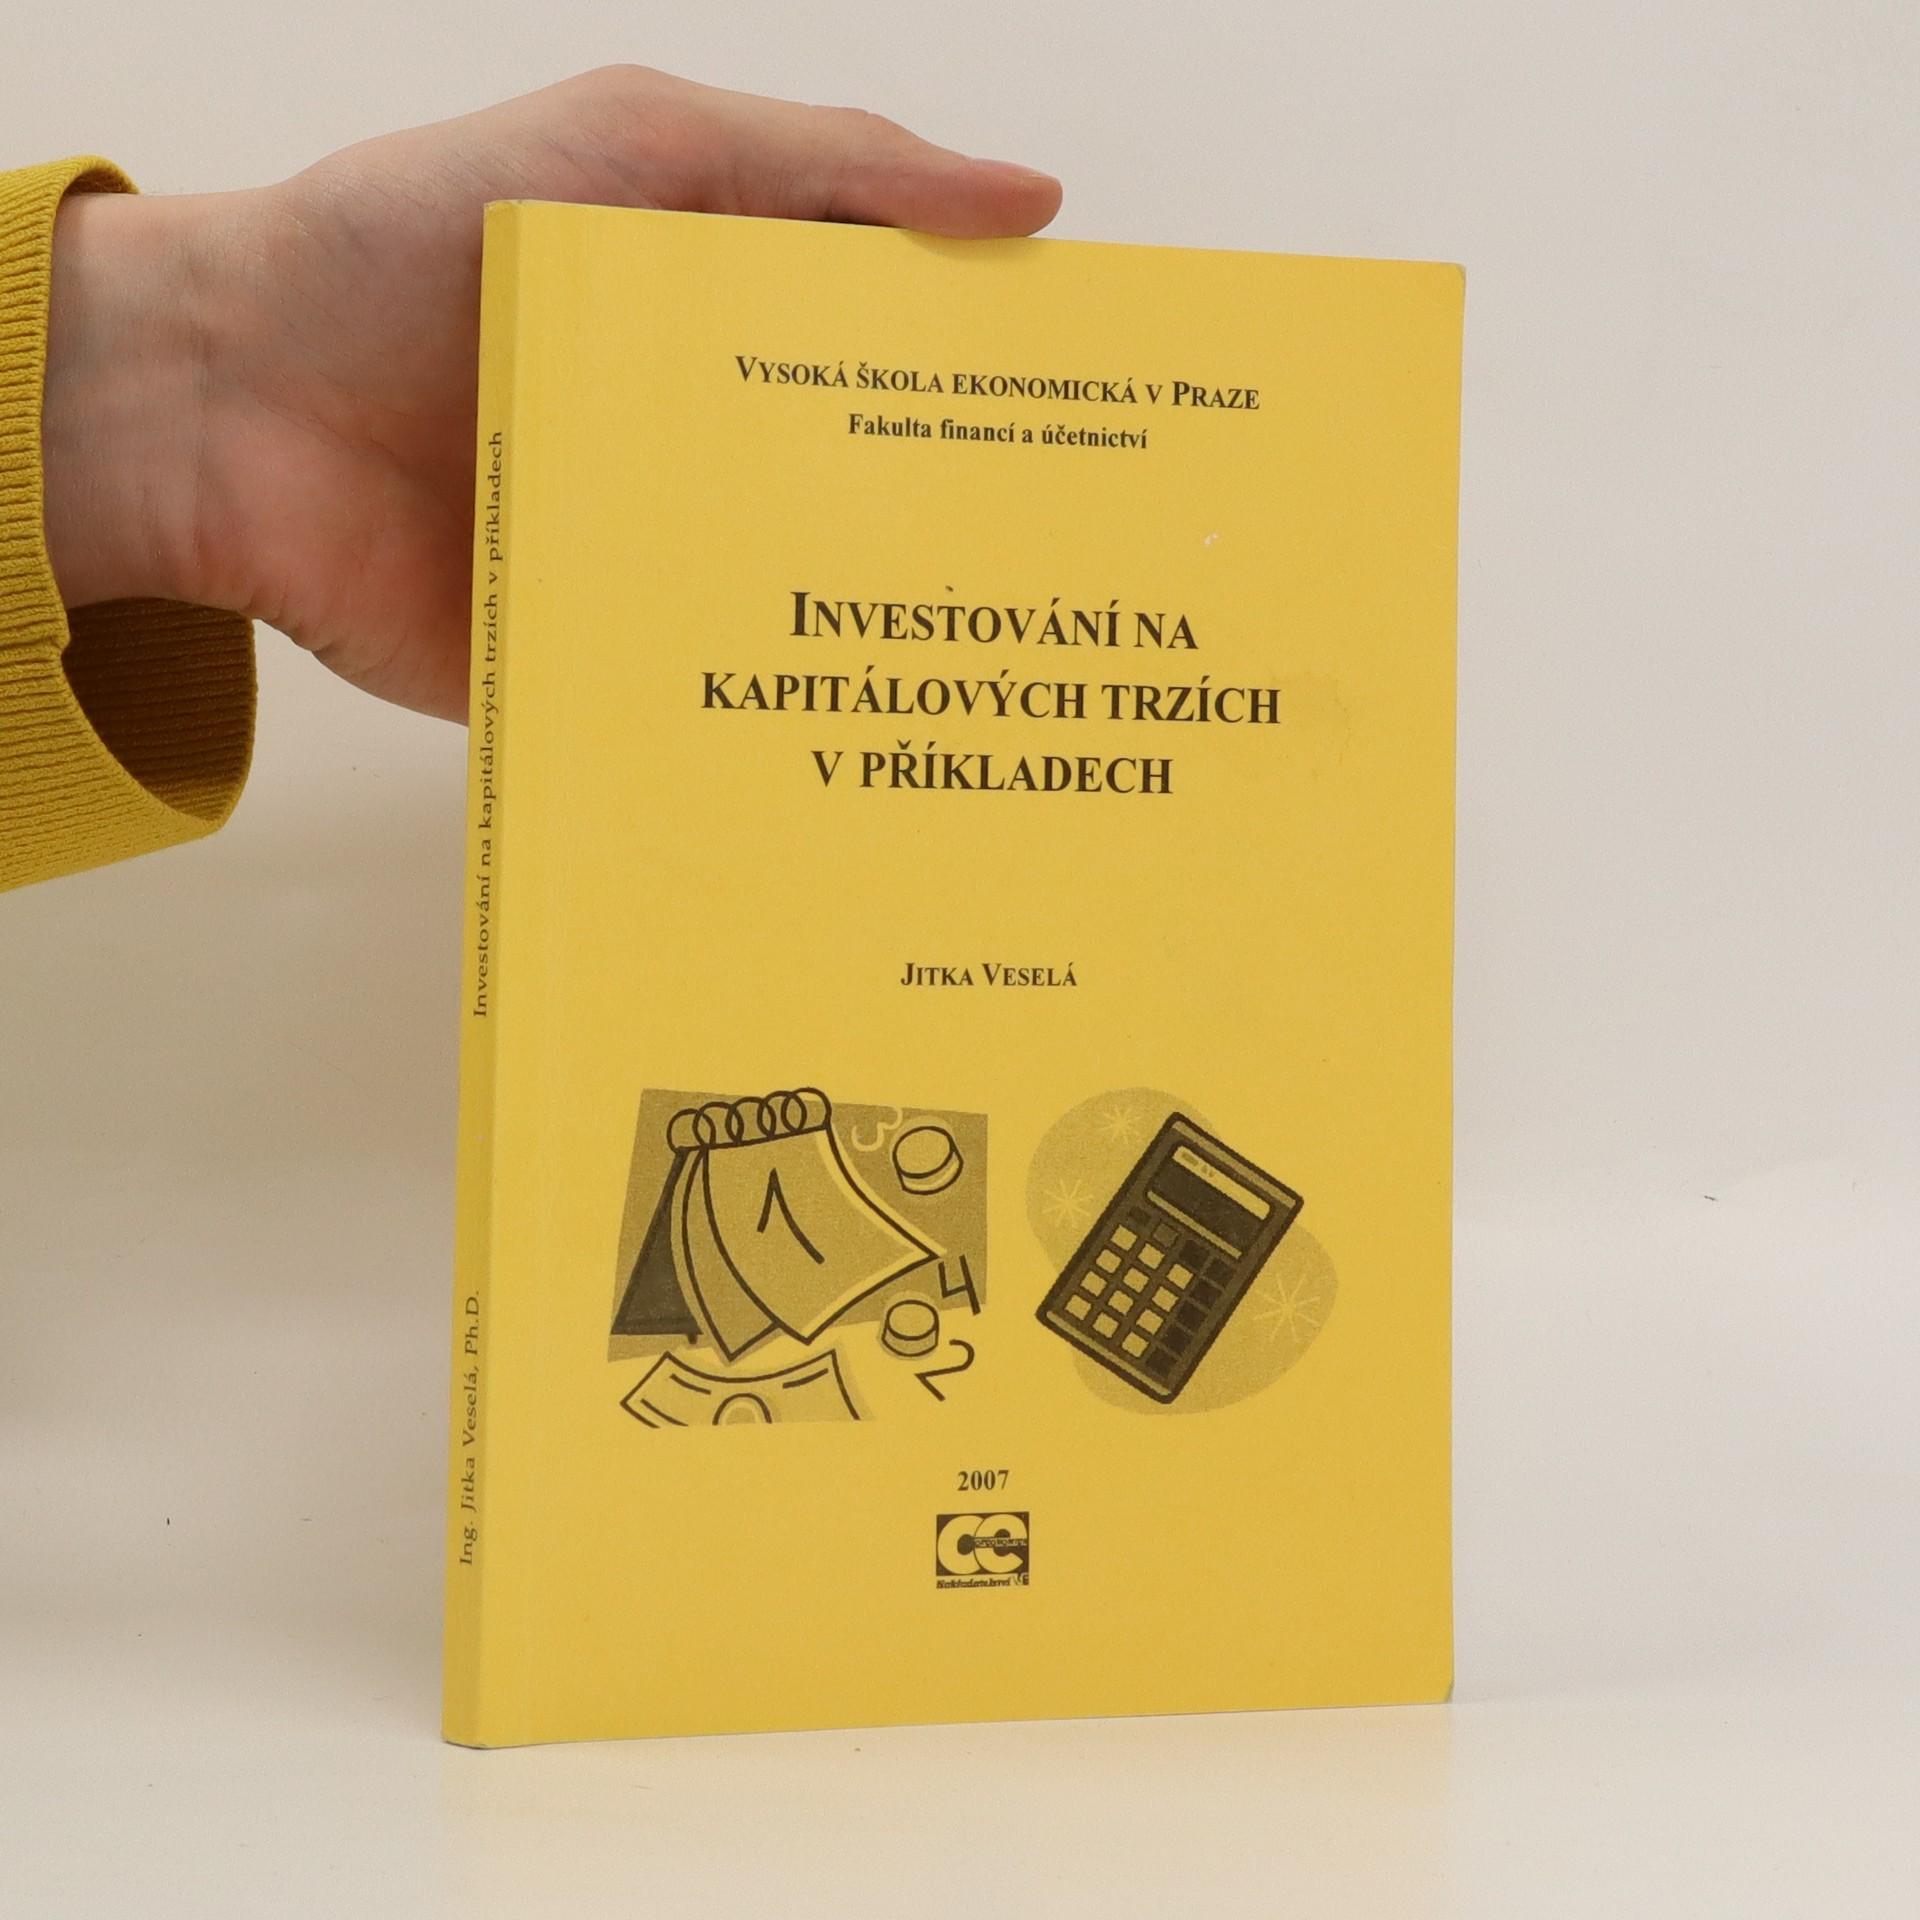 antikvární kniha Investování na kapitálových trzích v příkladech, 2007